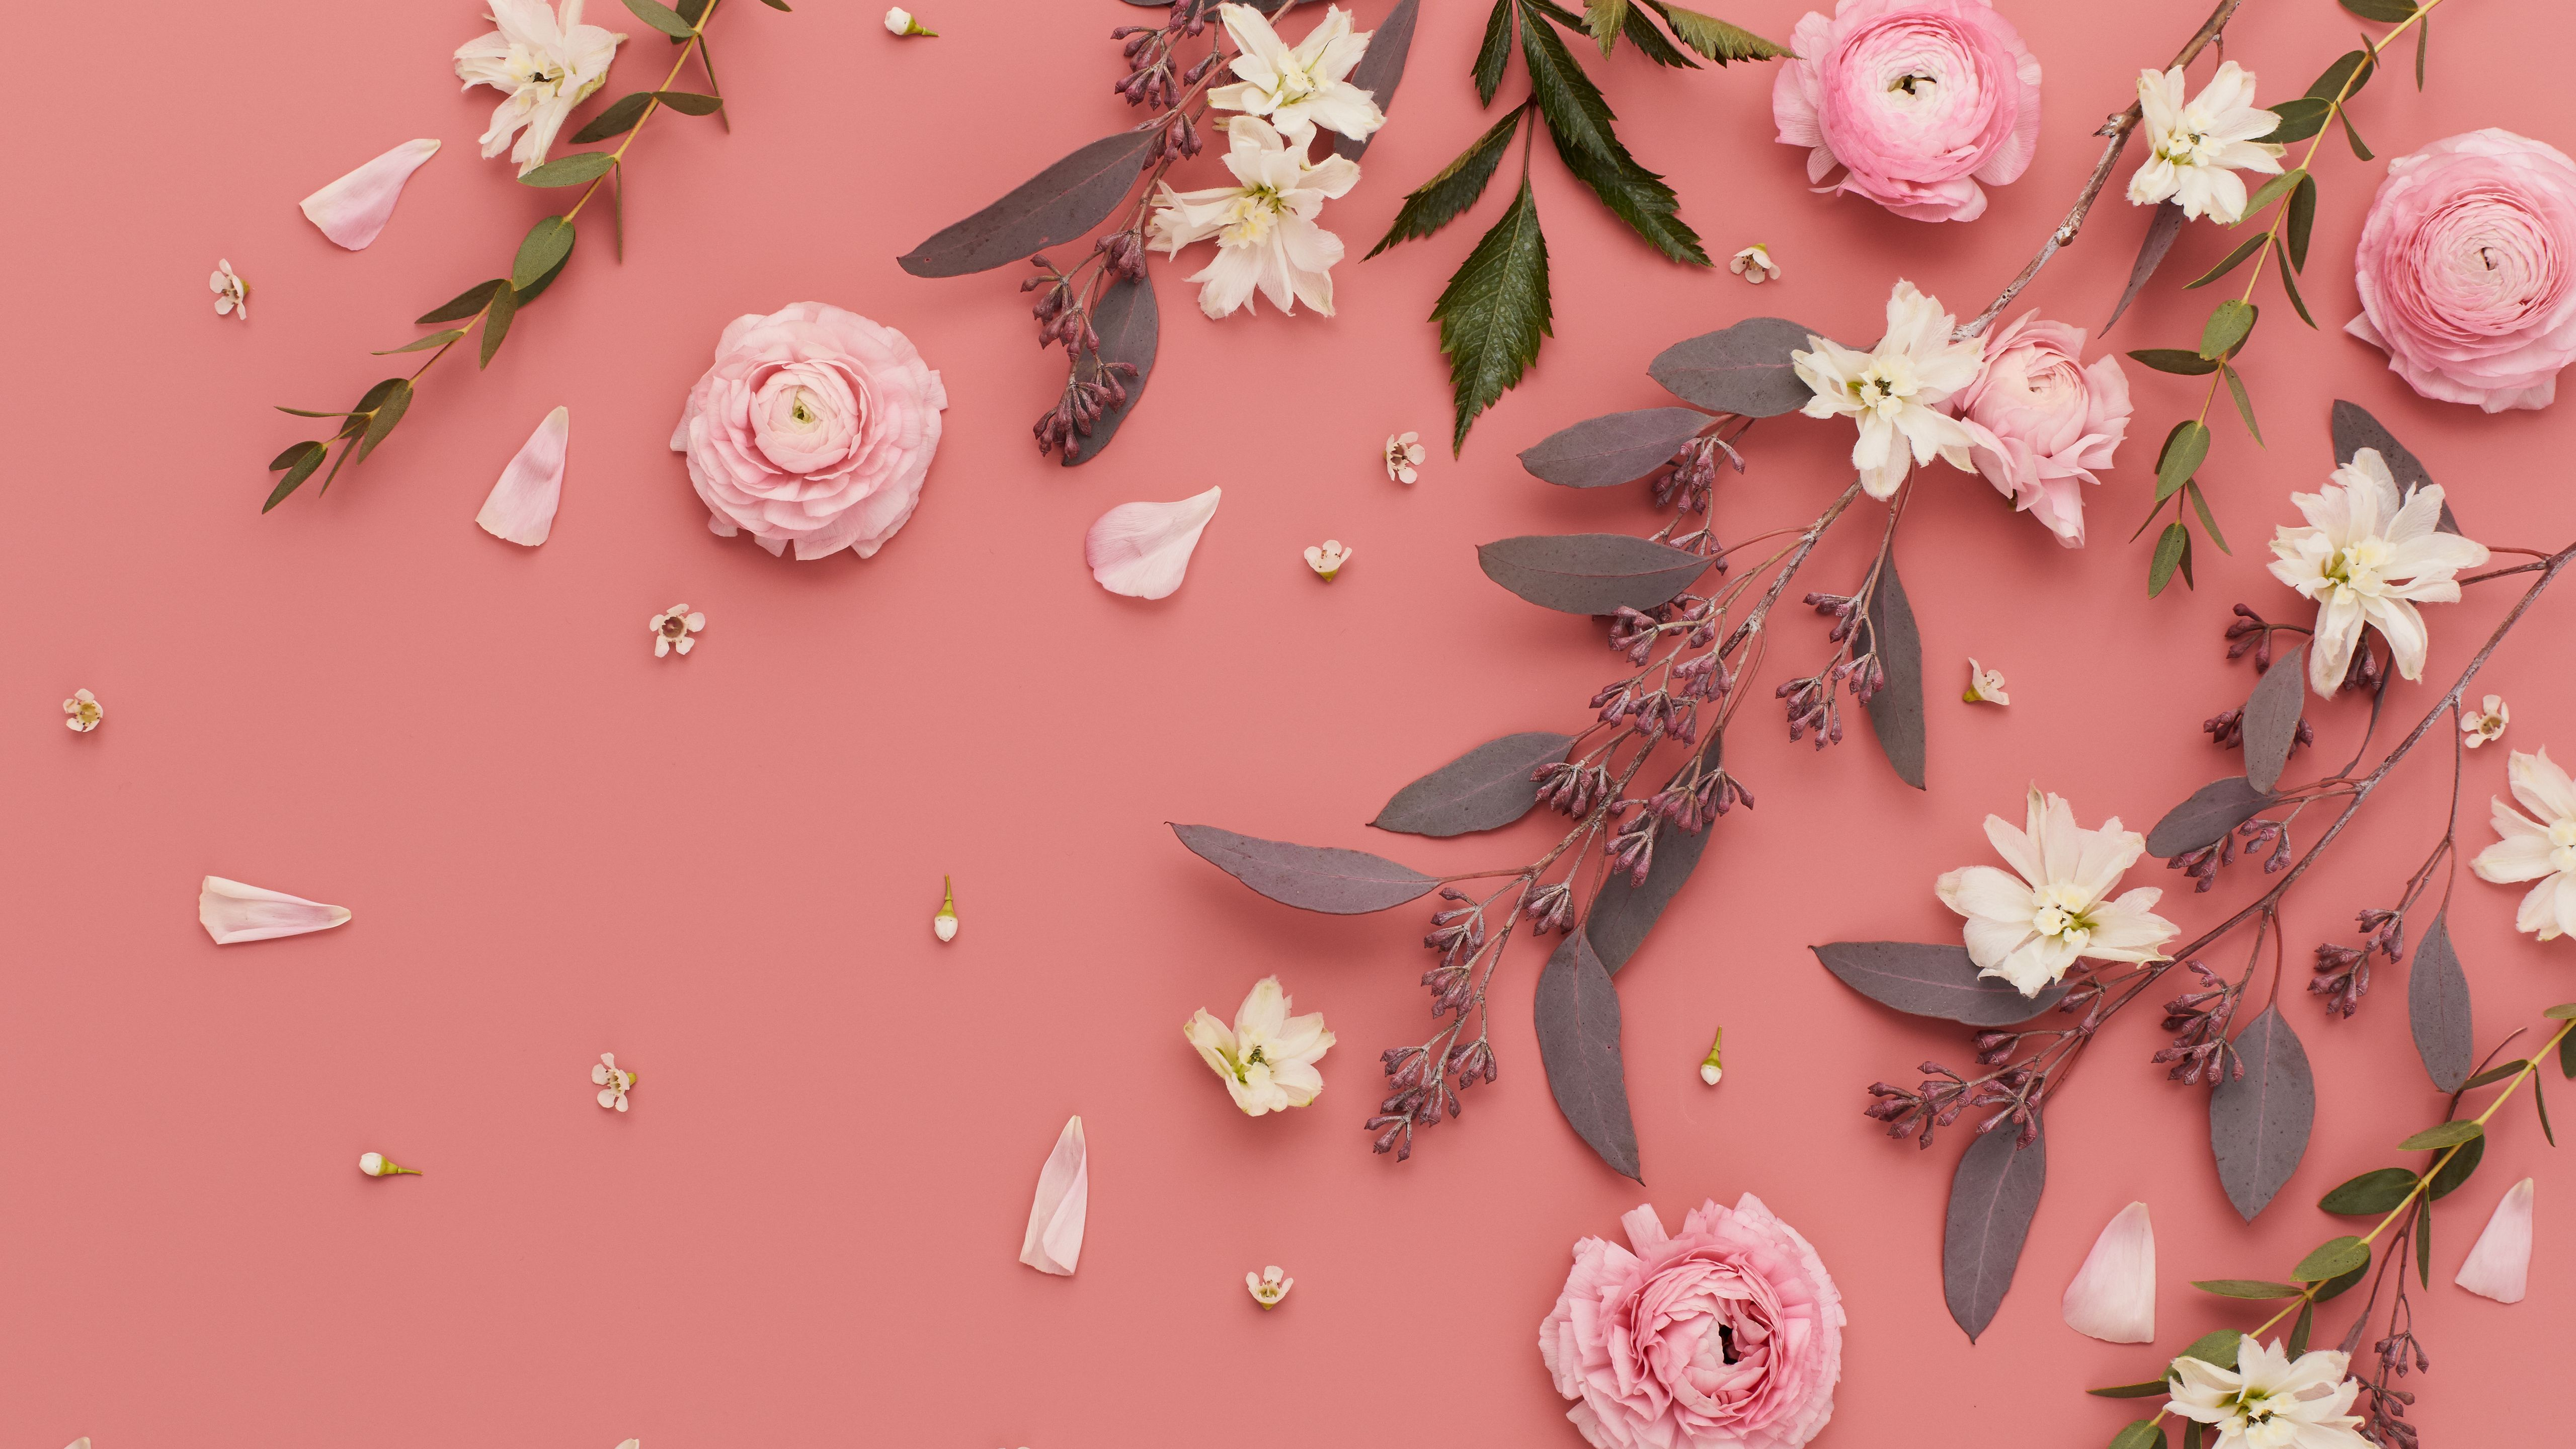 Desktop Pink Wallpapers - Wallpaper Cave